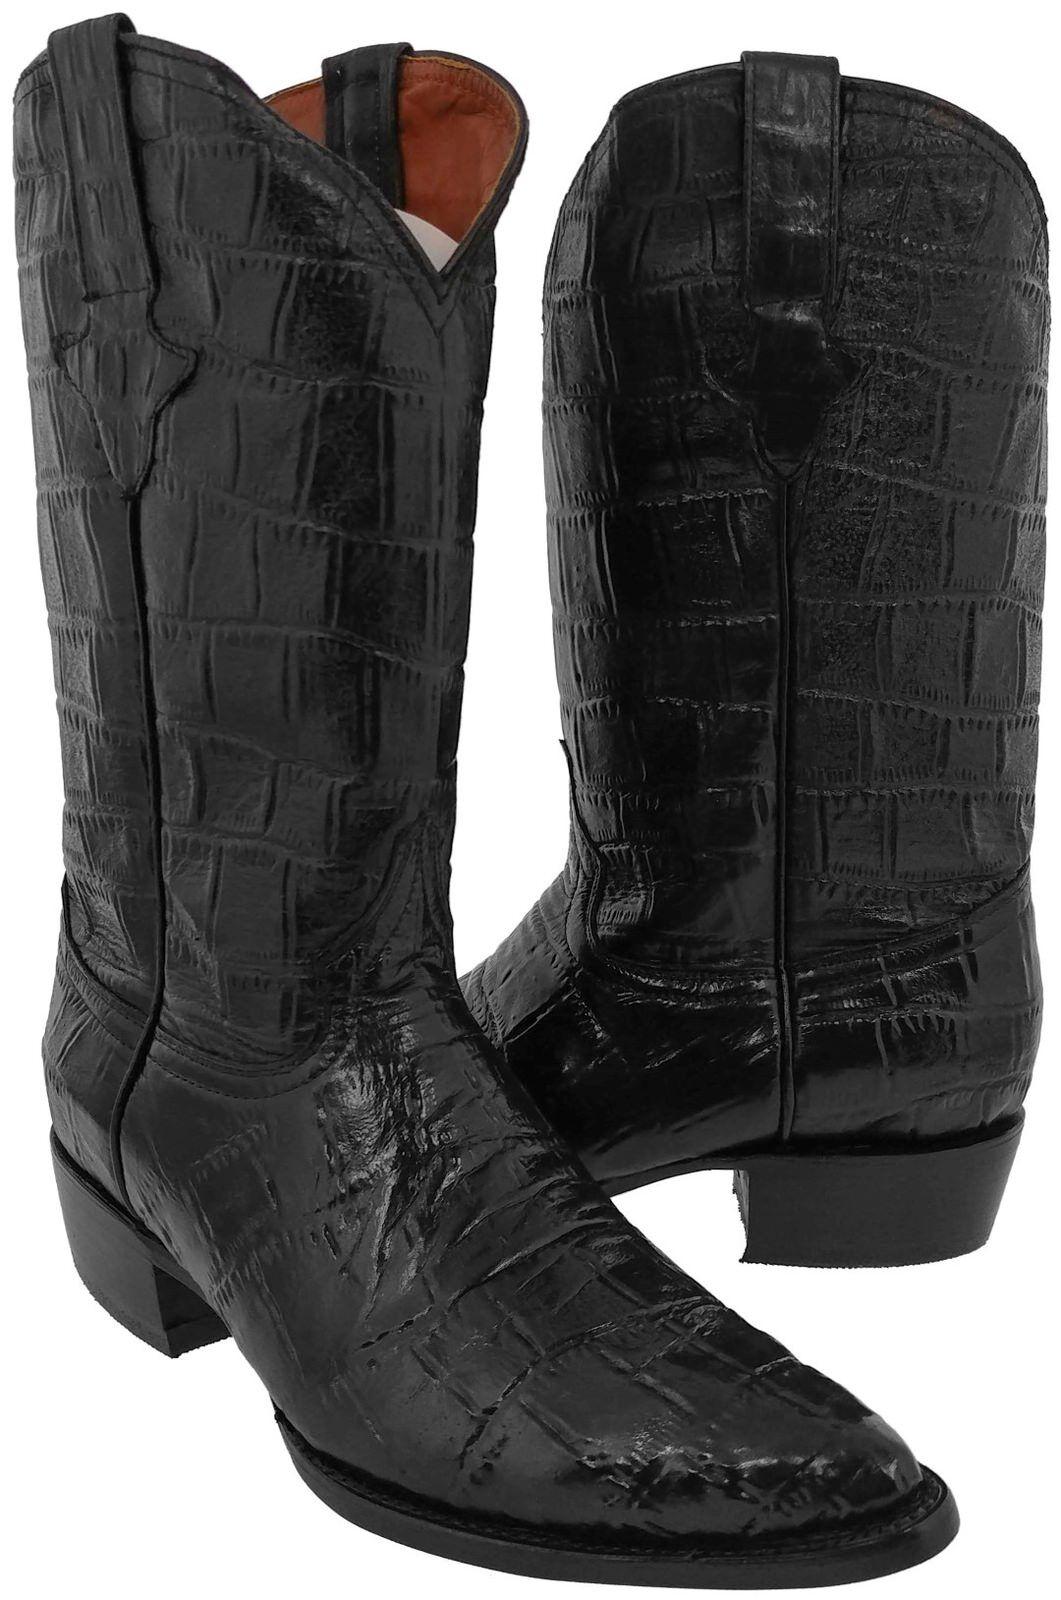 Para Hombre Negro Completo Cocodrilo Cuero de impresión del vientre grande botas de vaquero Puntera En Punta